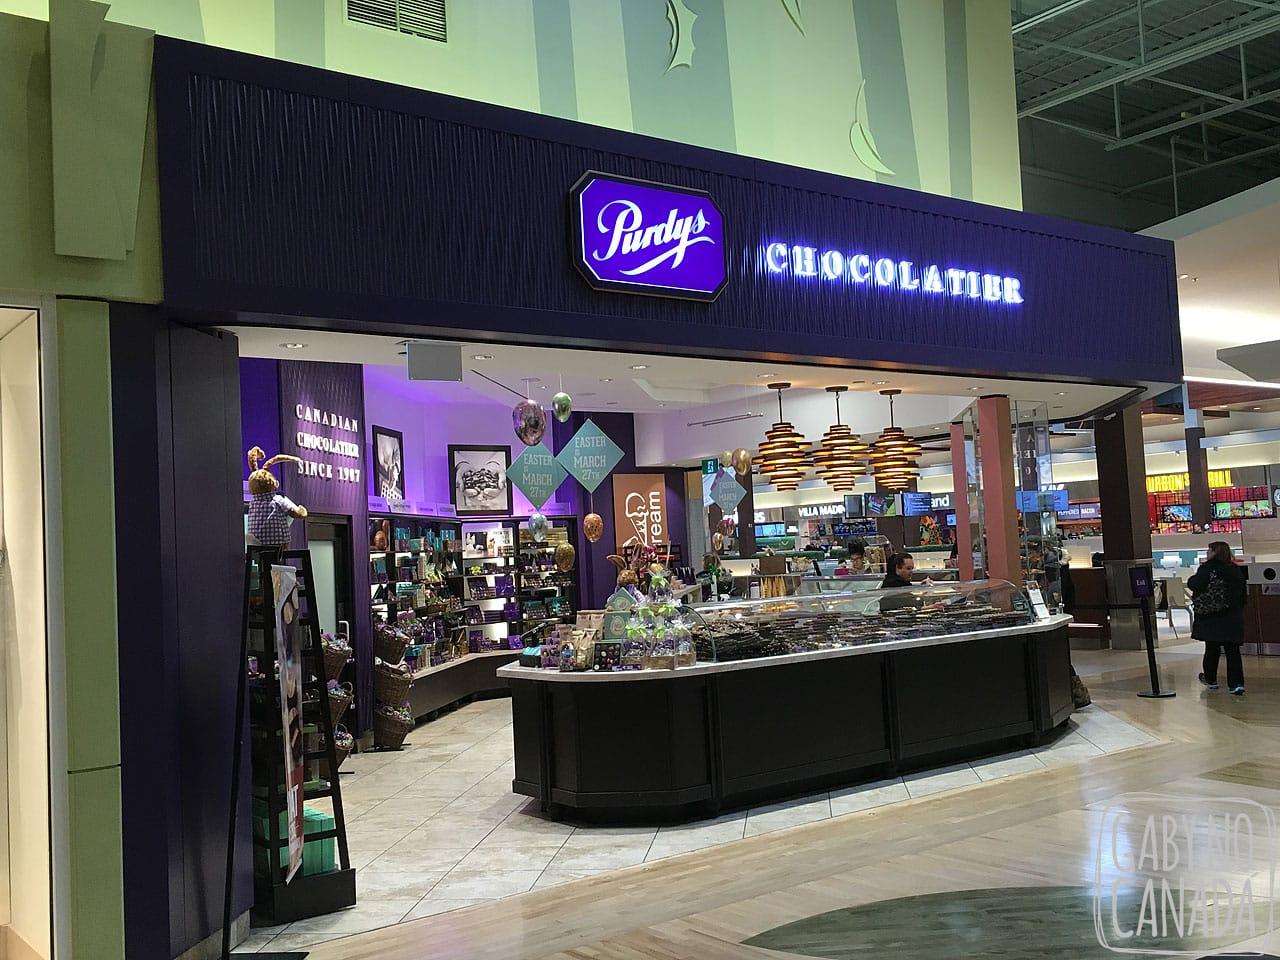 eba9652fe Esta loja de chocolates canadenses é bem popular por aqui e pouco conhecida  entre os brasileiros. Os chocolates da Purdy s são deliciosos e uma ótima  opção ...